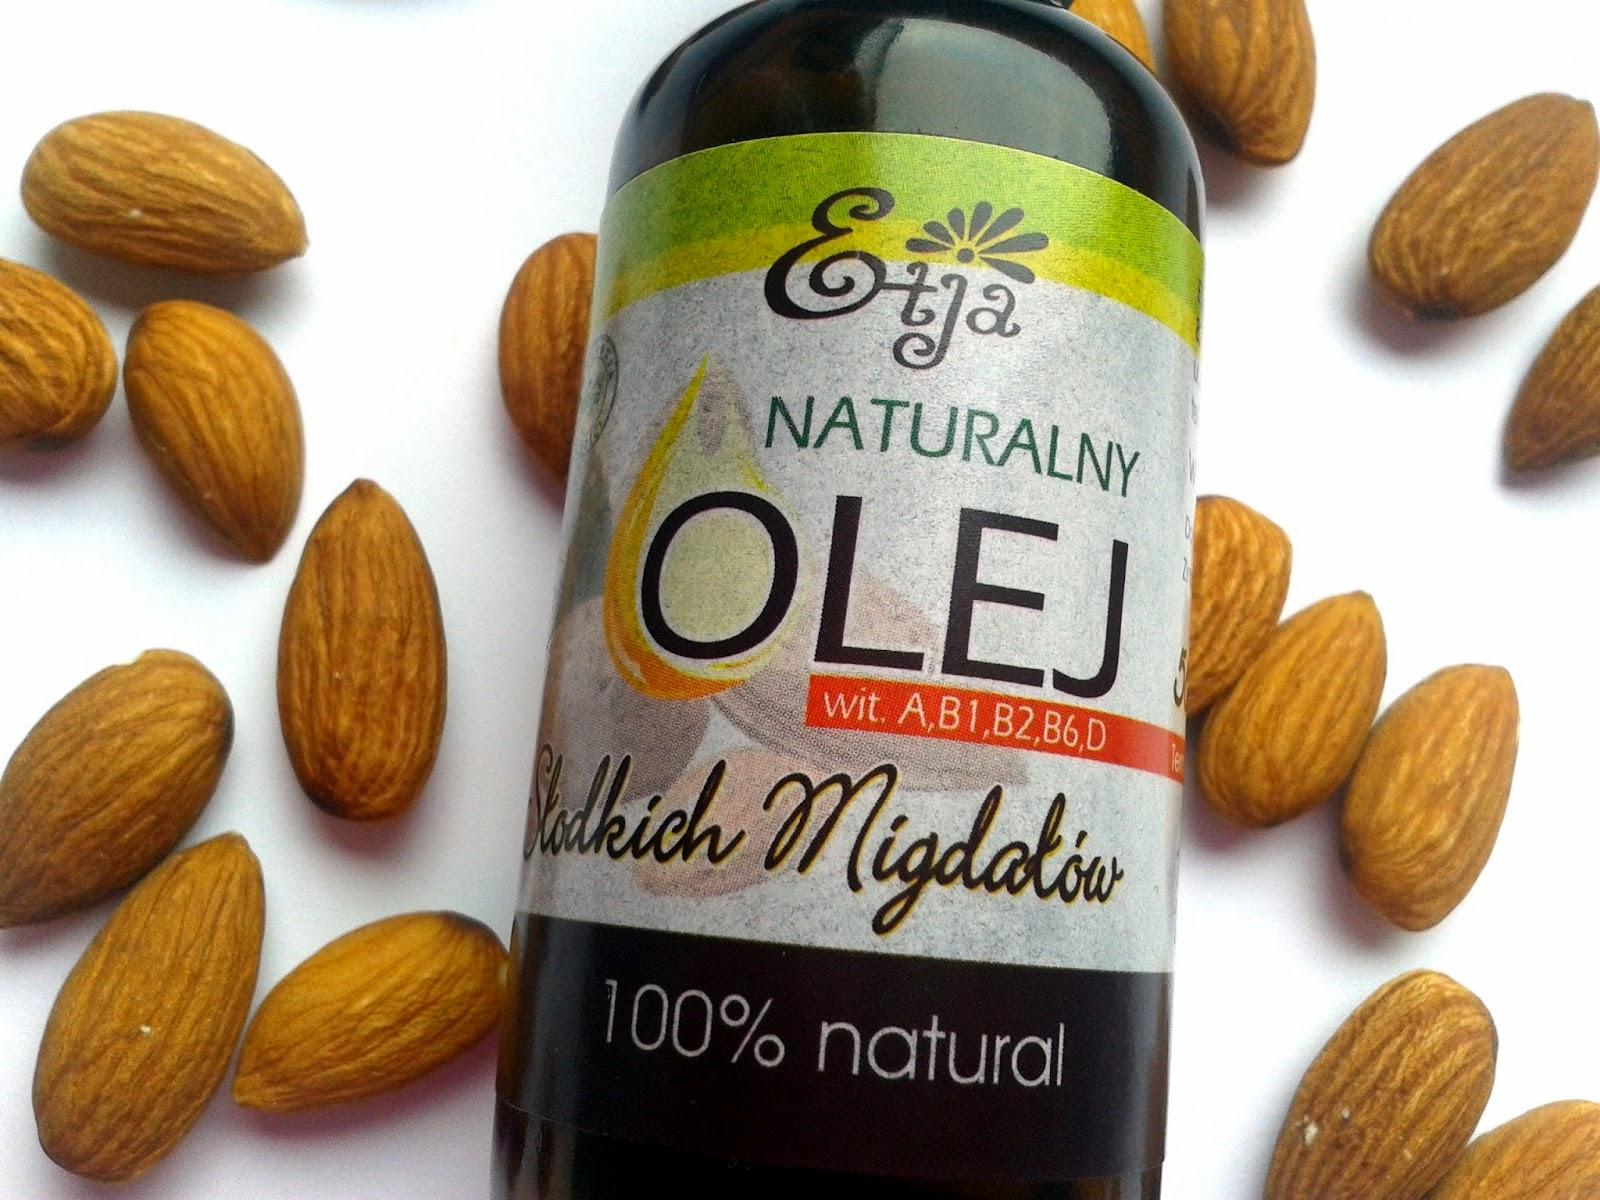 olej ze słodkich migdałów ETJA